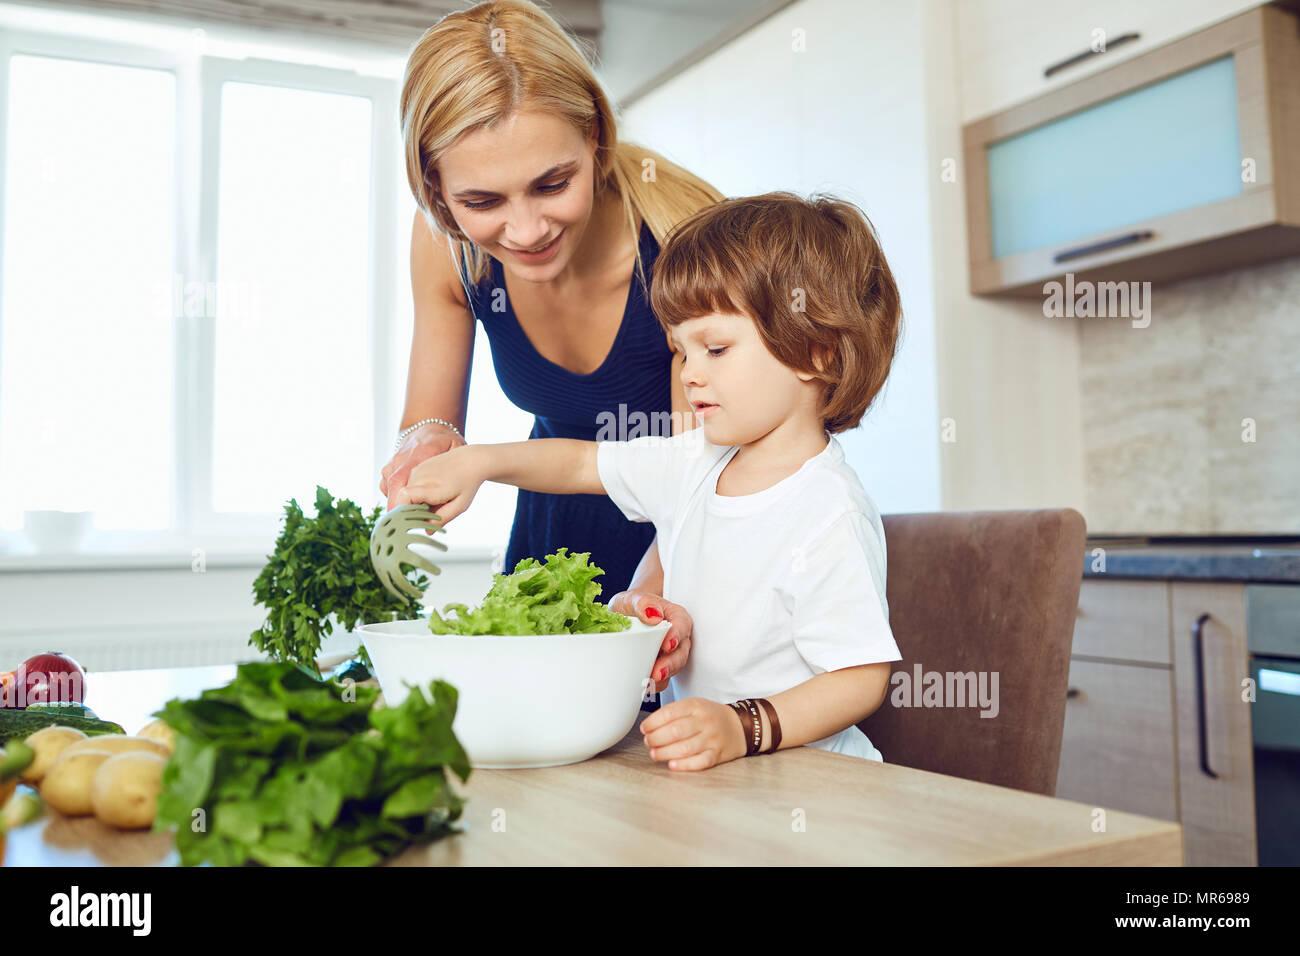 La mamma e il suo bambino si stanno preparando in cucina il cibo. Immagini Stock